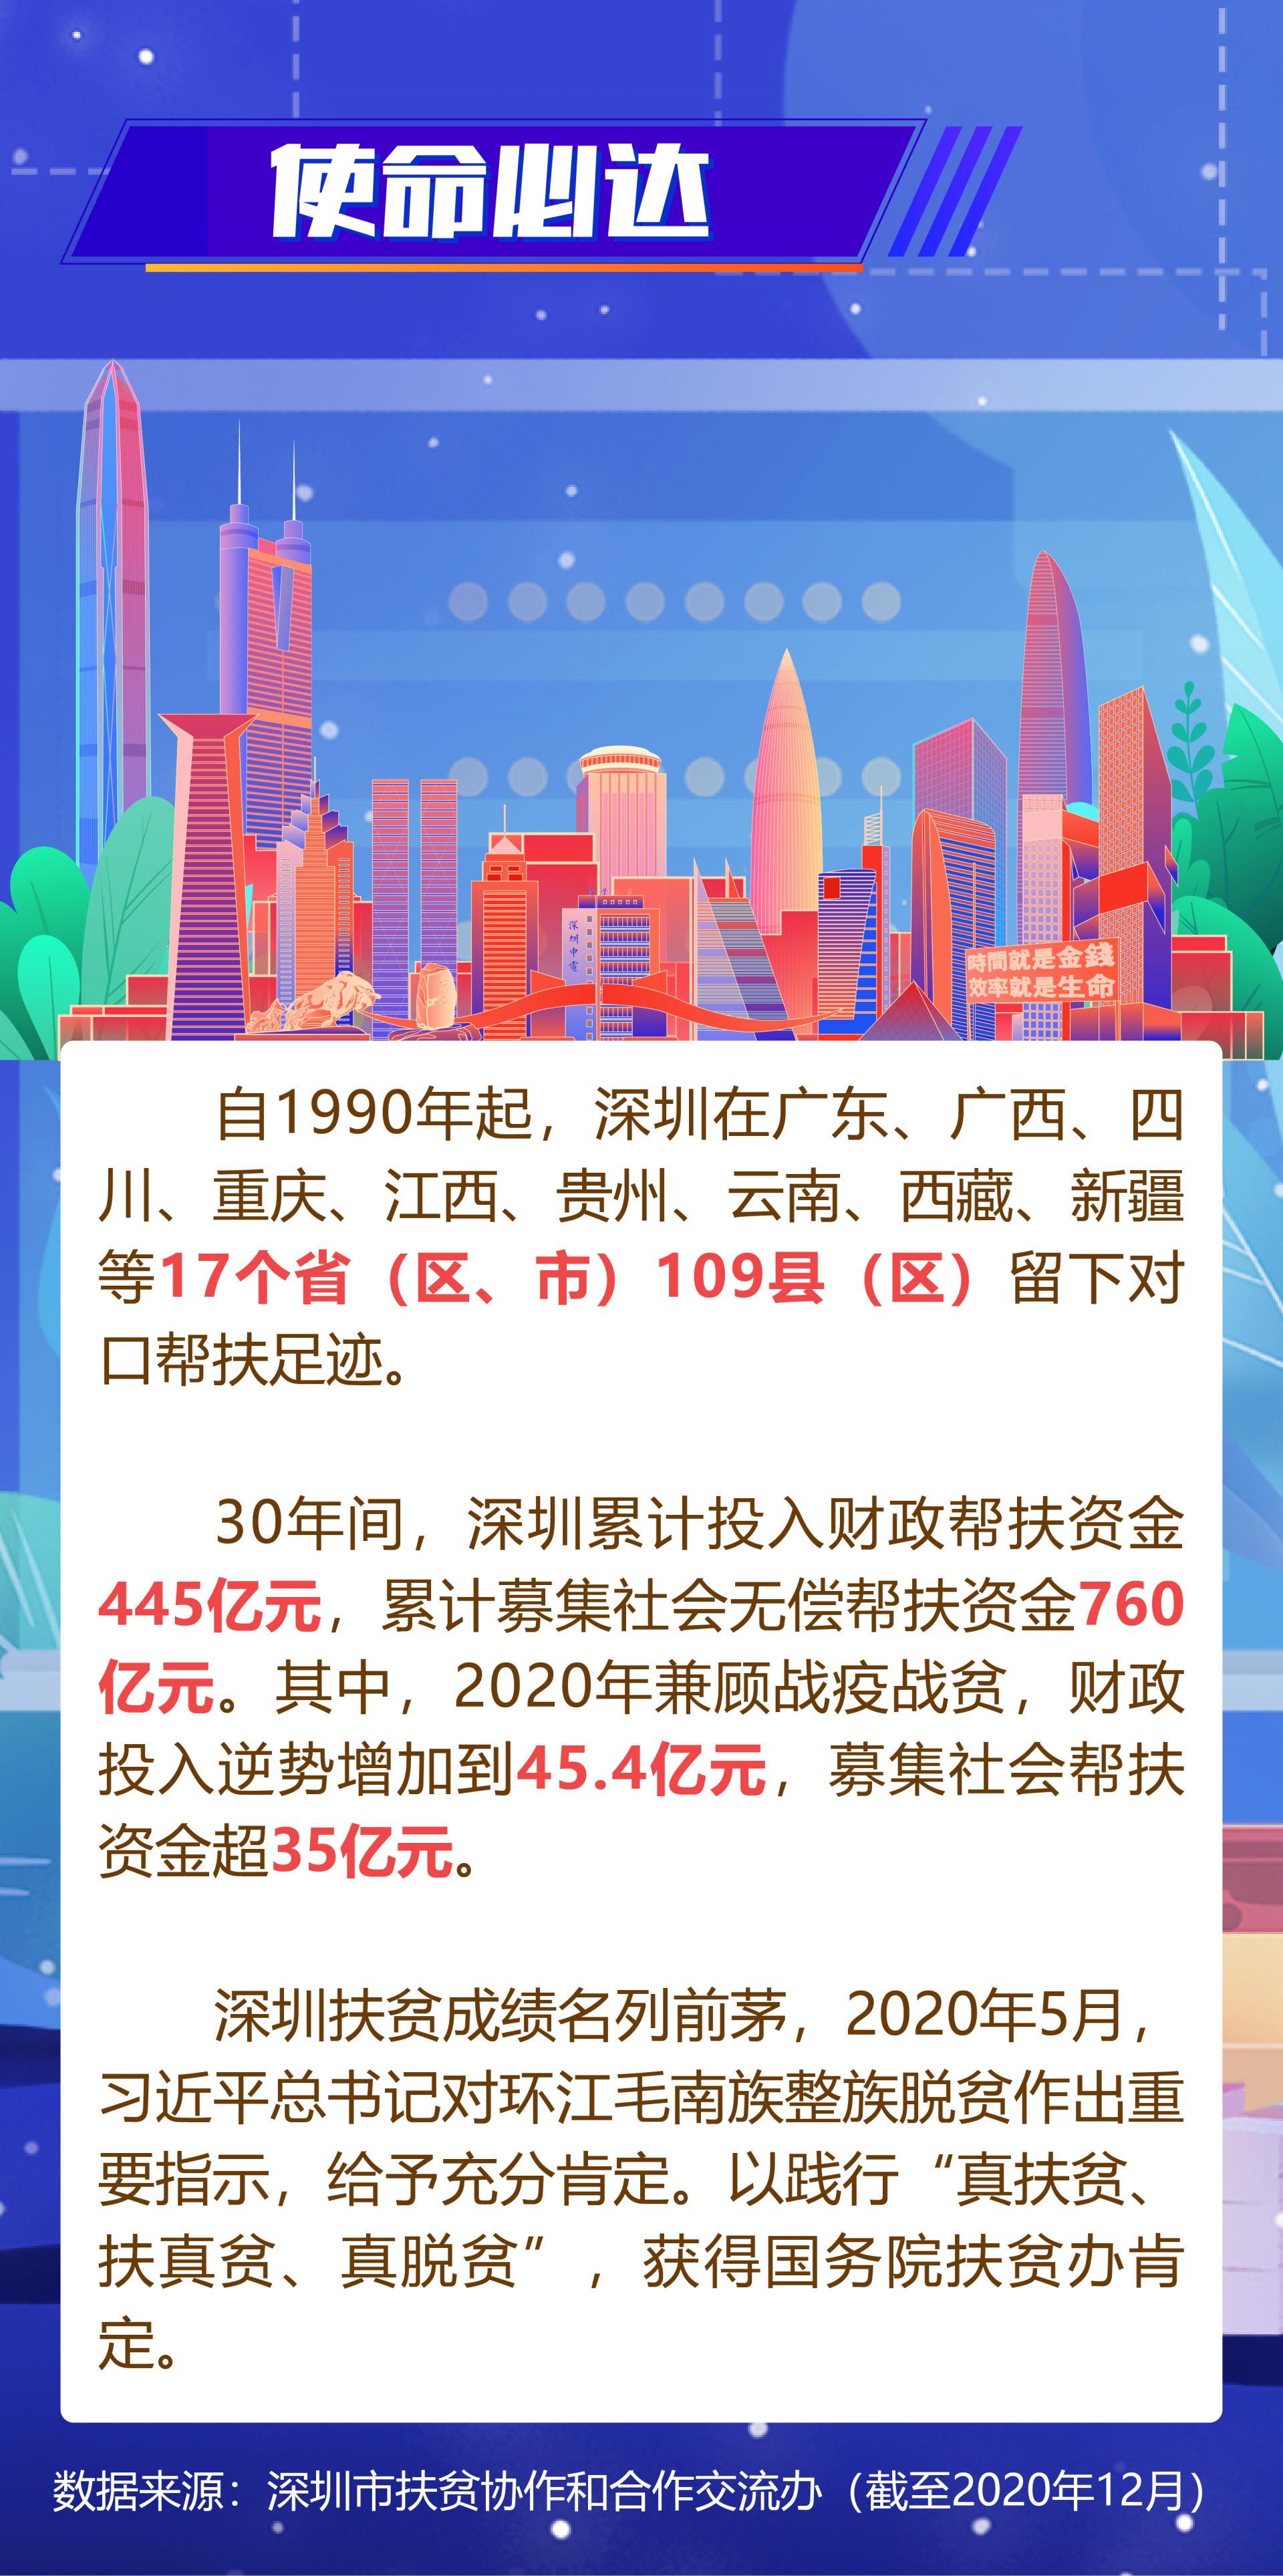 数说 | 深圳三十载,帮扶脱贫志